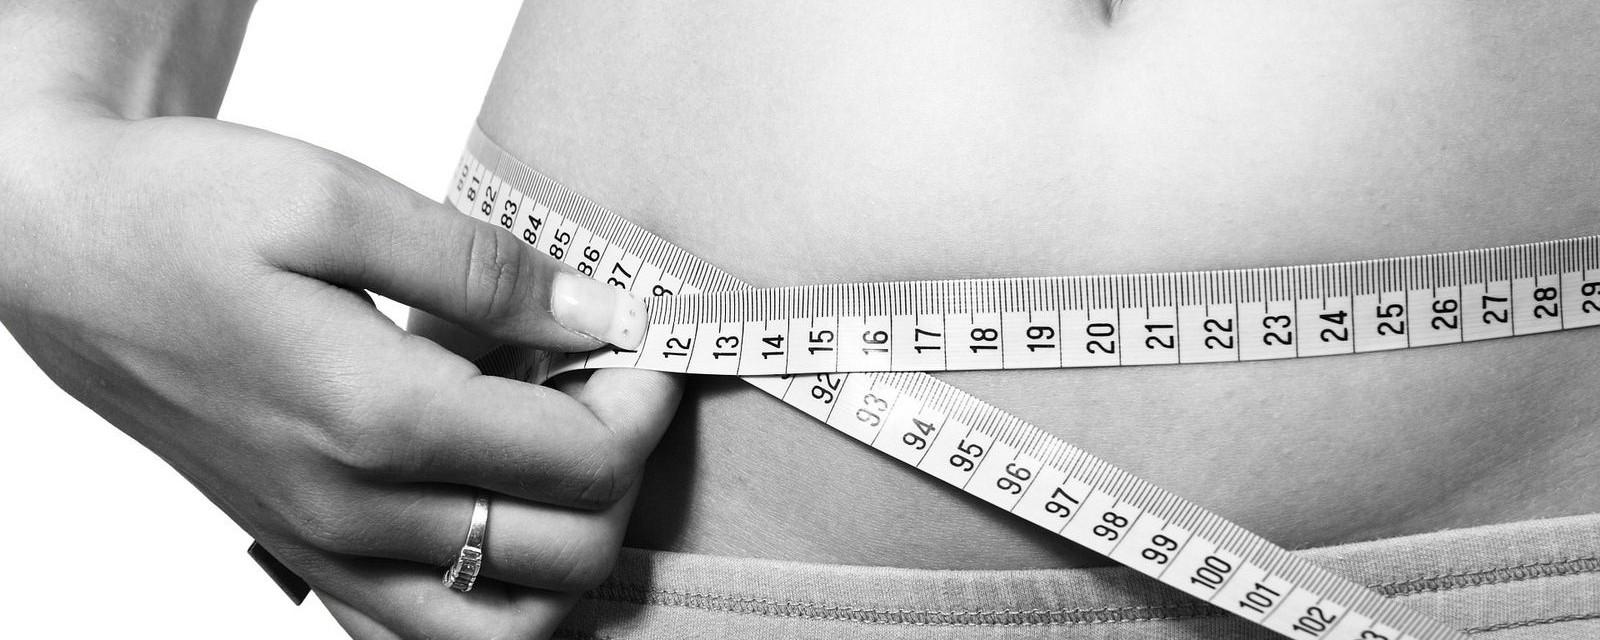 De ce nu slăbești: 10 motive pentru care nu scapi de kilogramele în plus